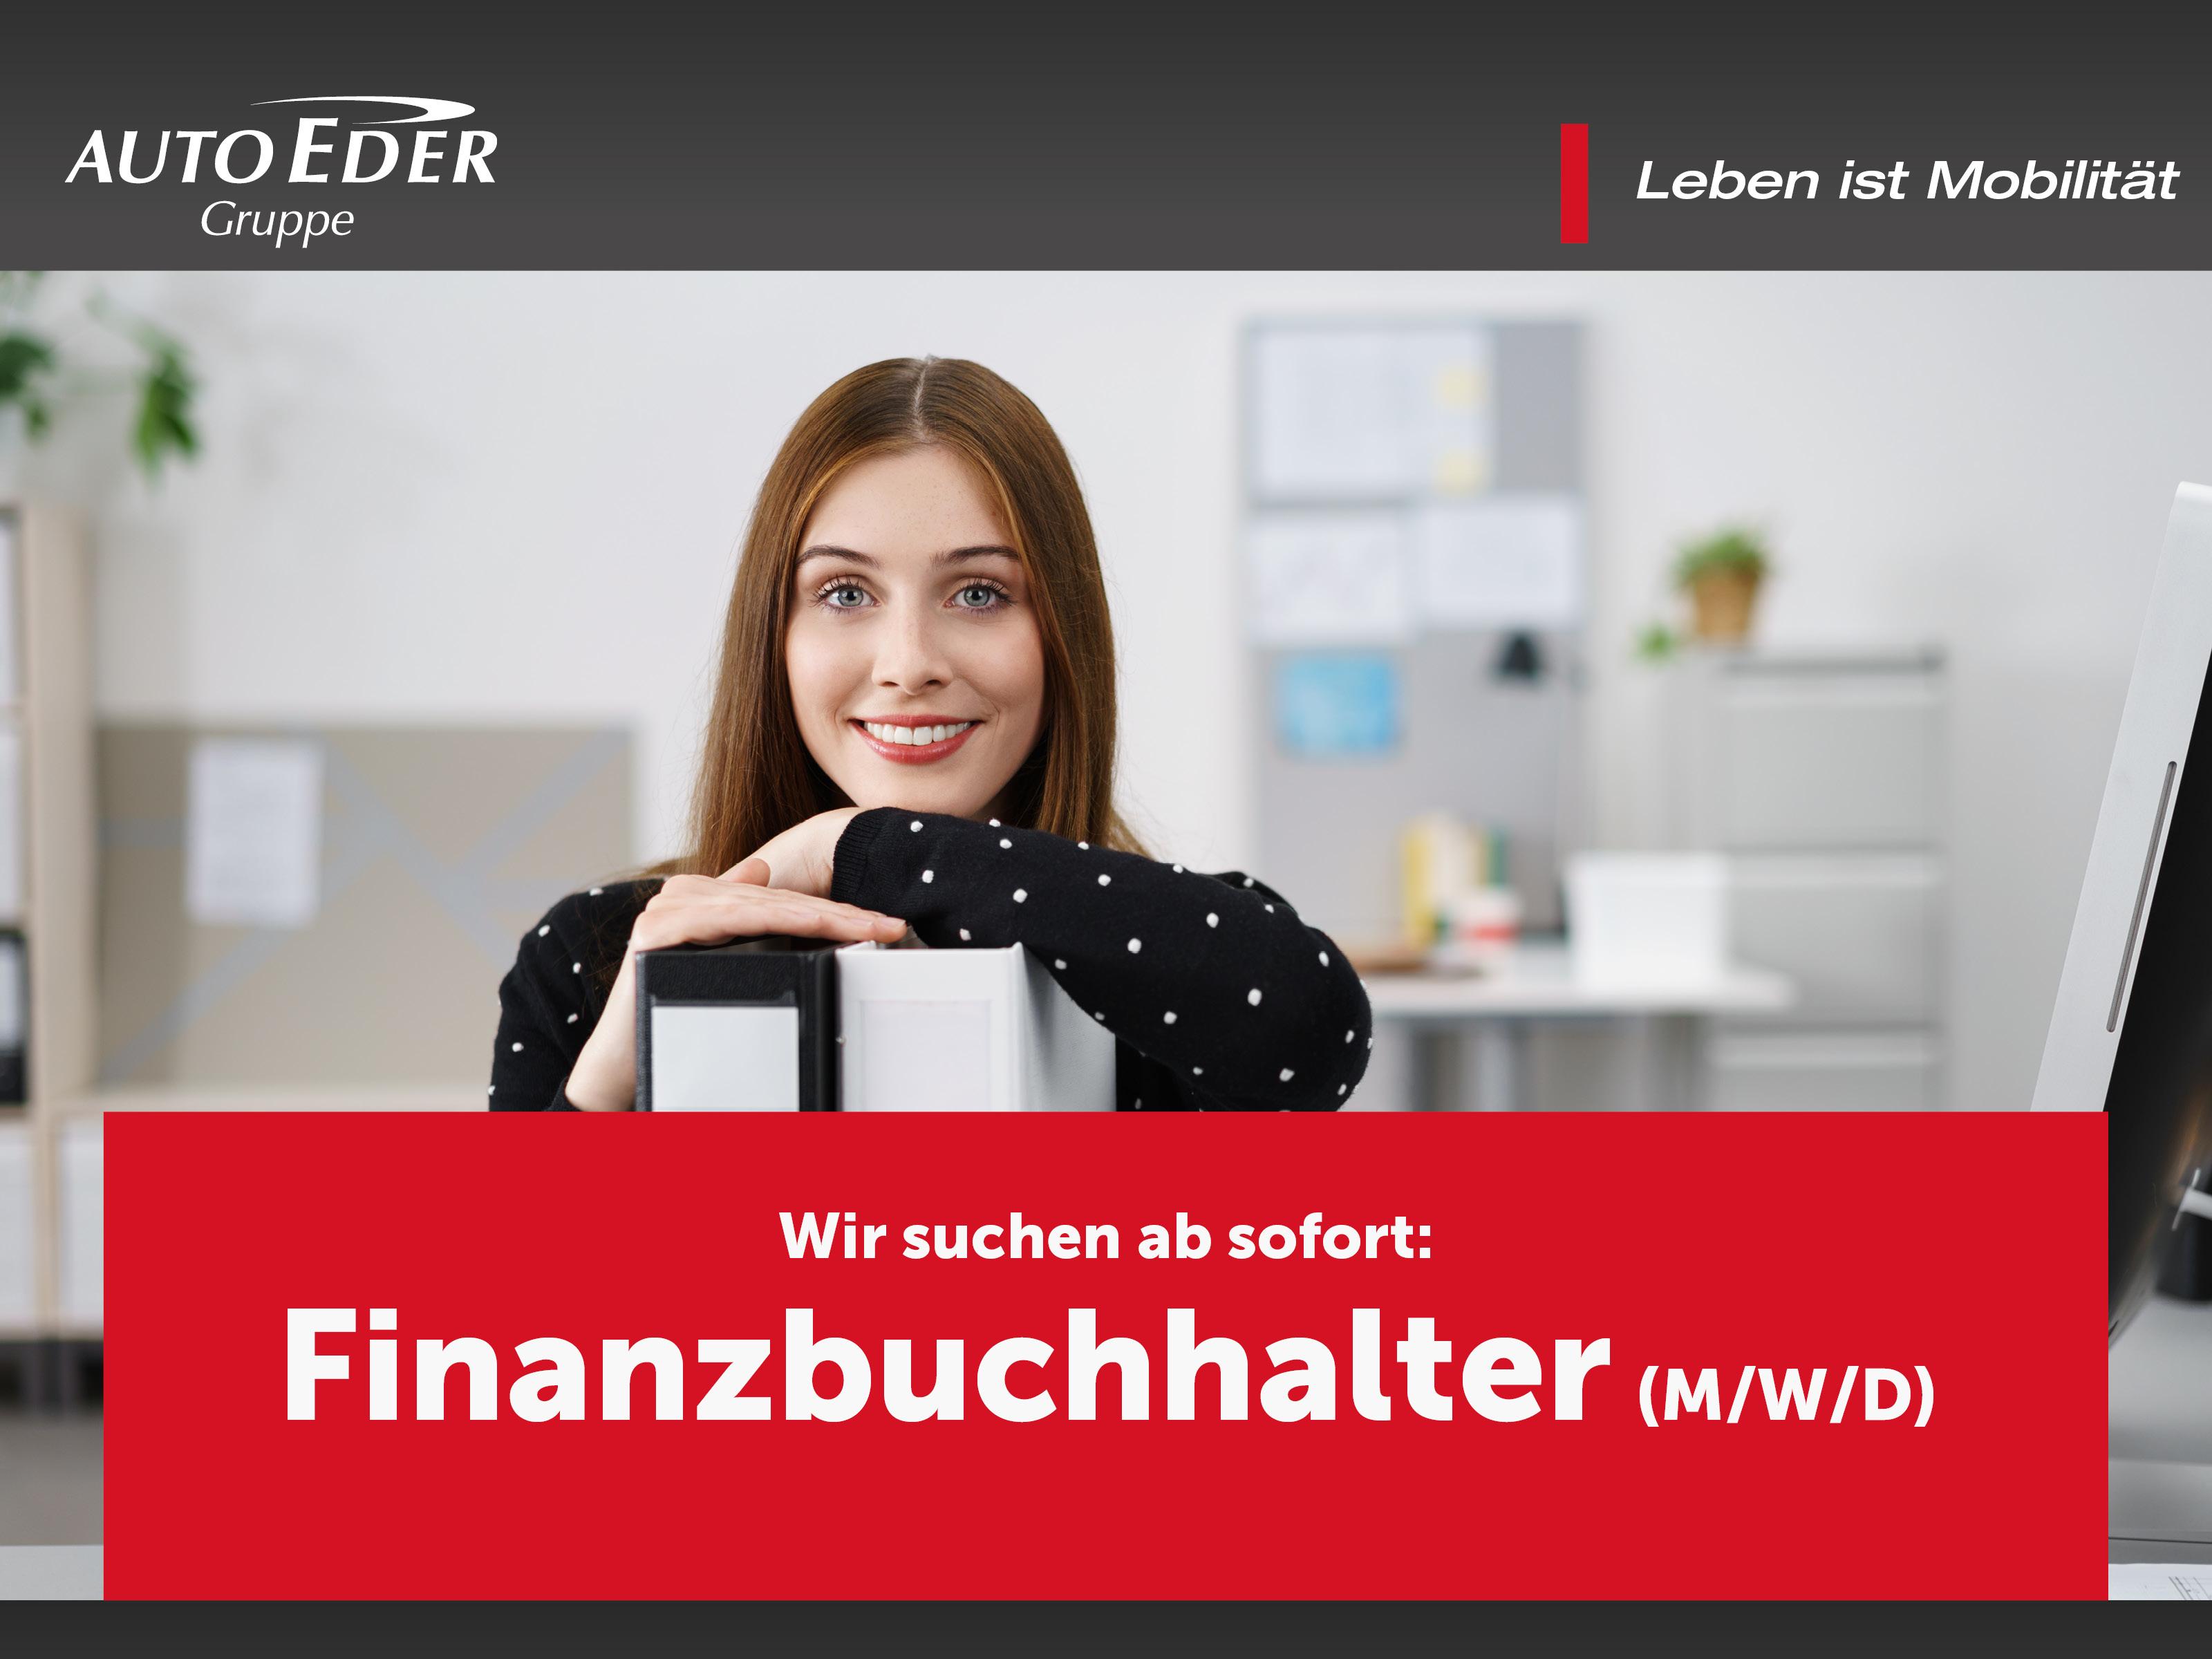 Finanzbuchhalter (m/w/d)